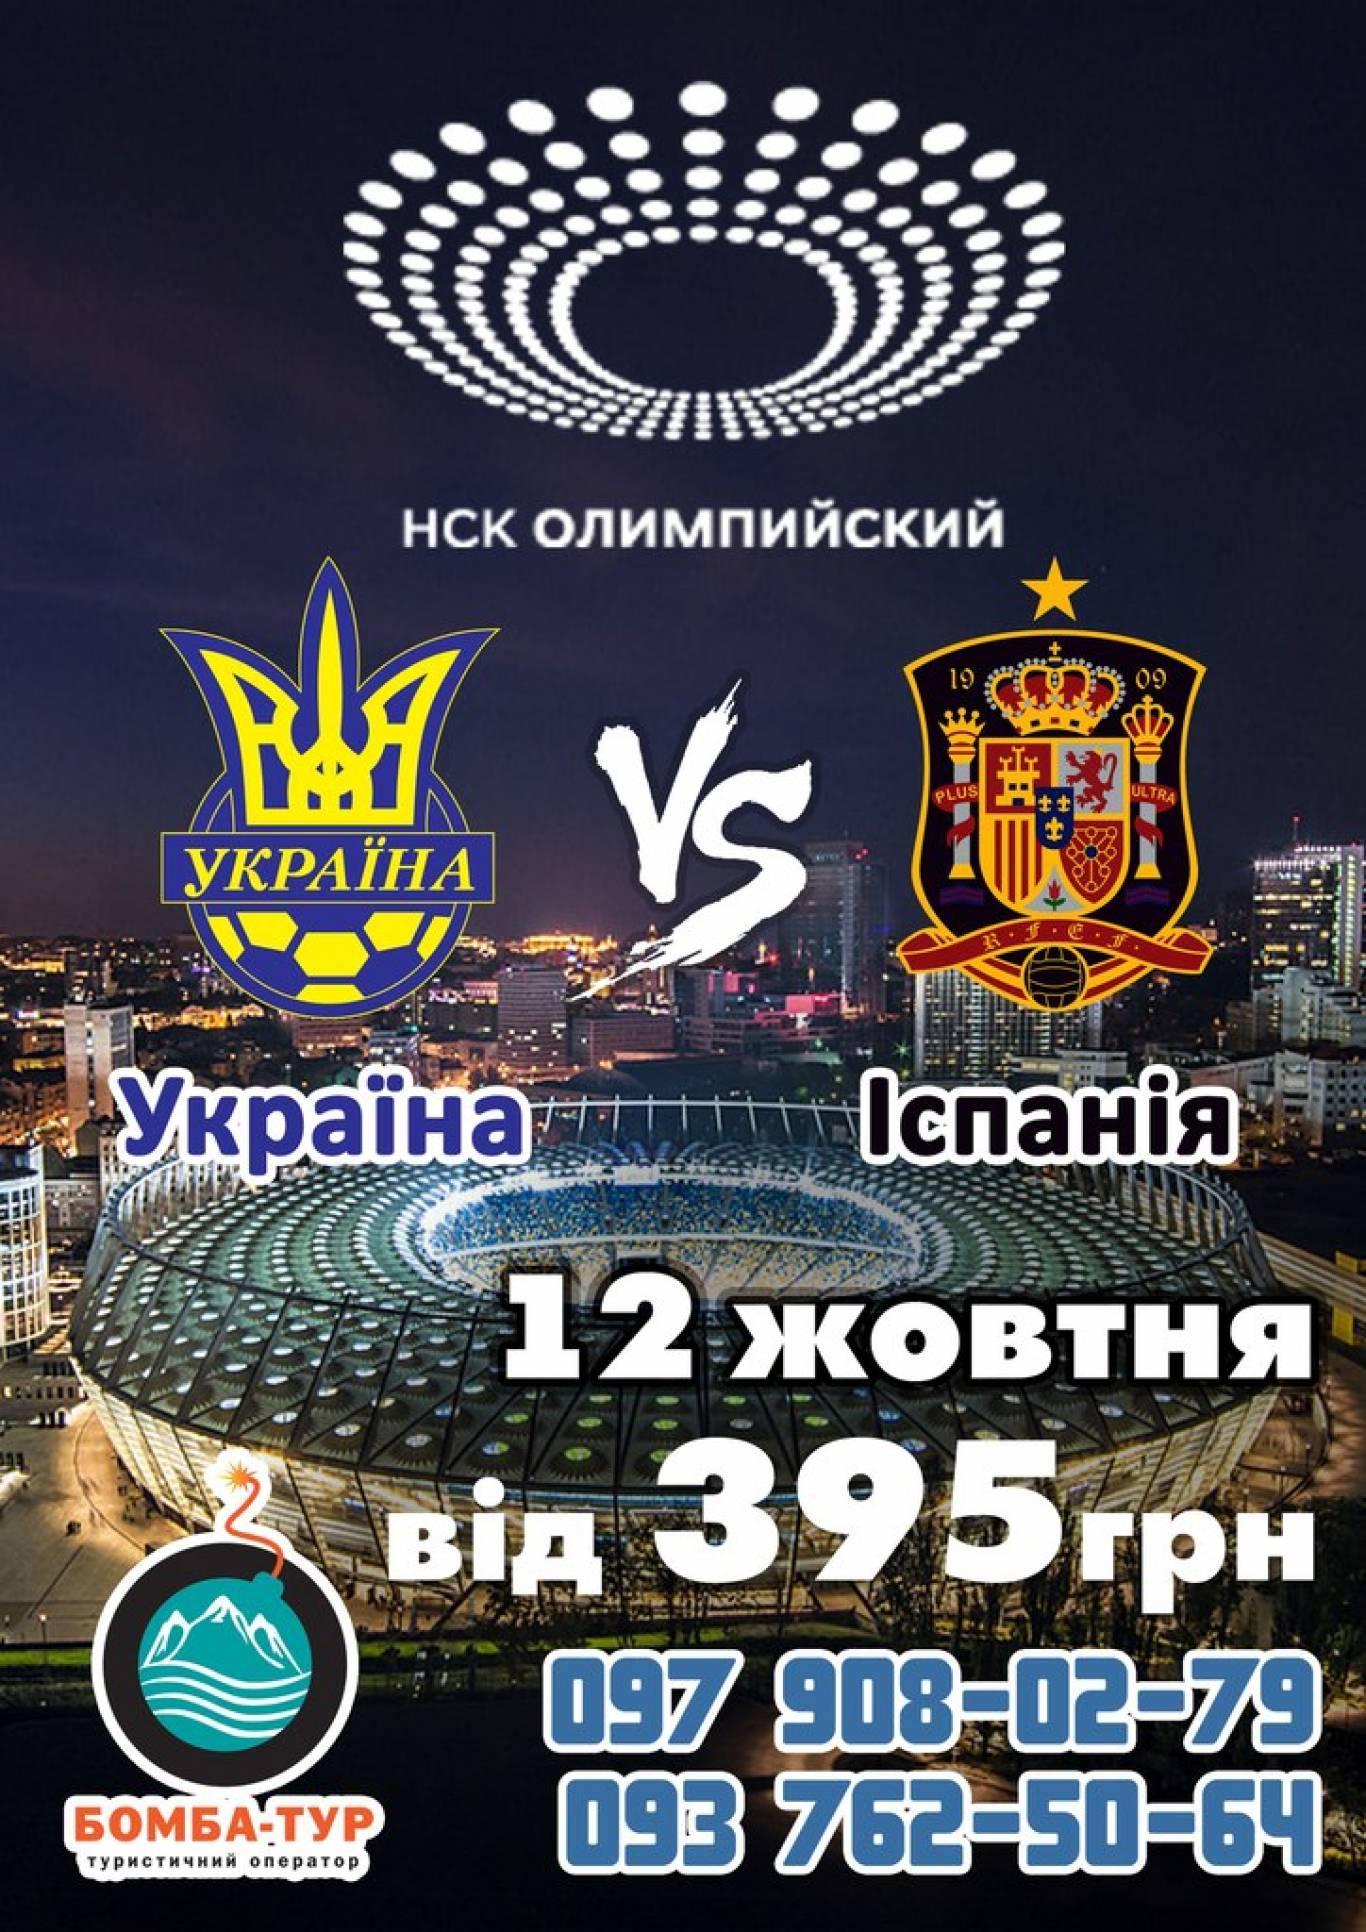 Поїздка на матч УКРАЇНА - ІСПАНІЯ 12 жовтня